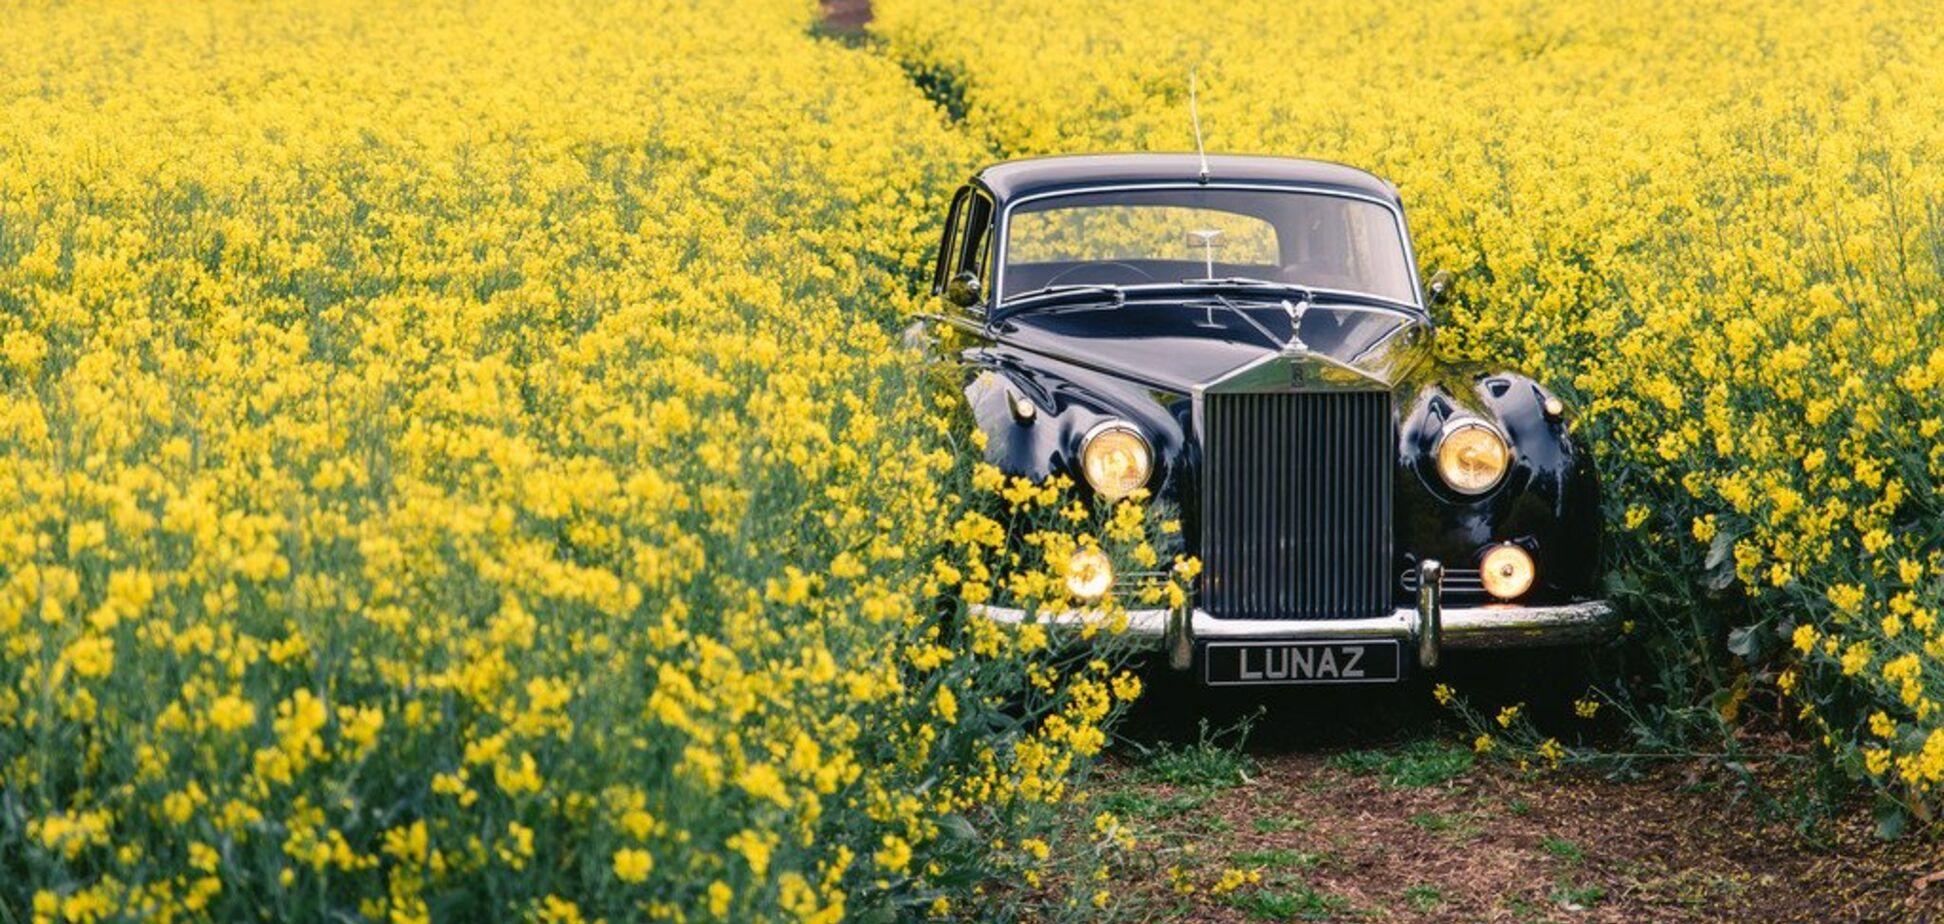 Старт-ап Lunaz Design намерен вдохнуть в ретро авто новую жизнь